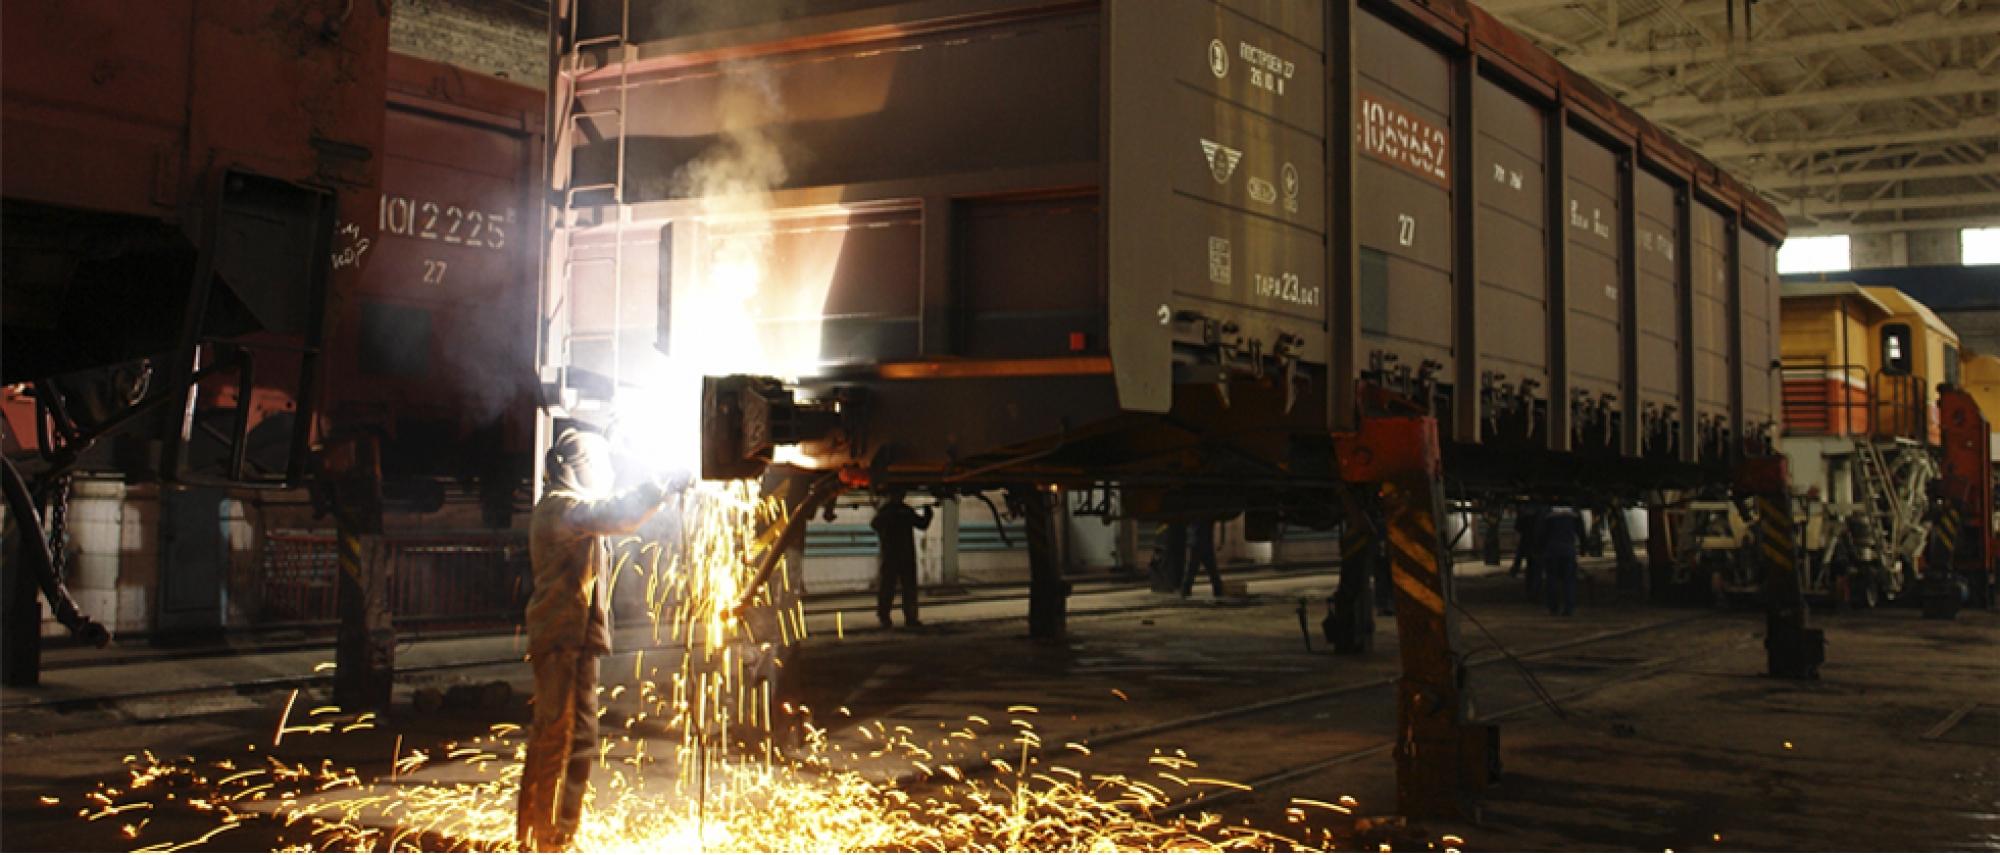 Деповской ремонт грузовых вагонов фото3